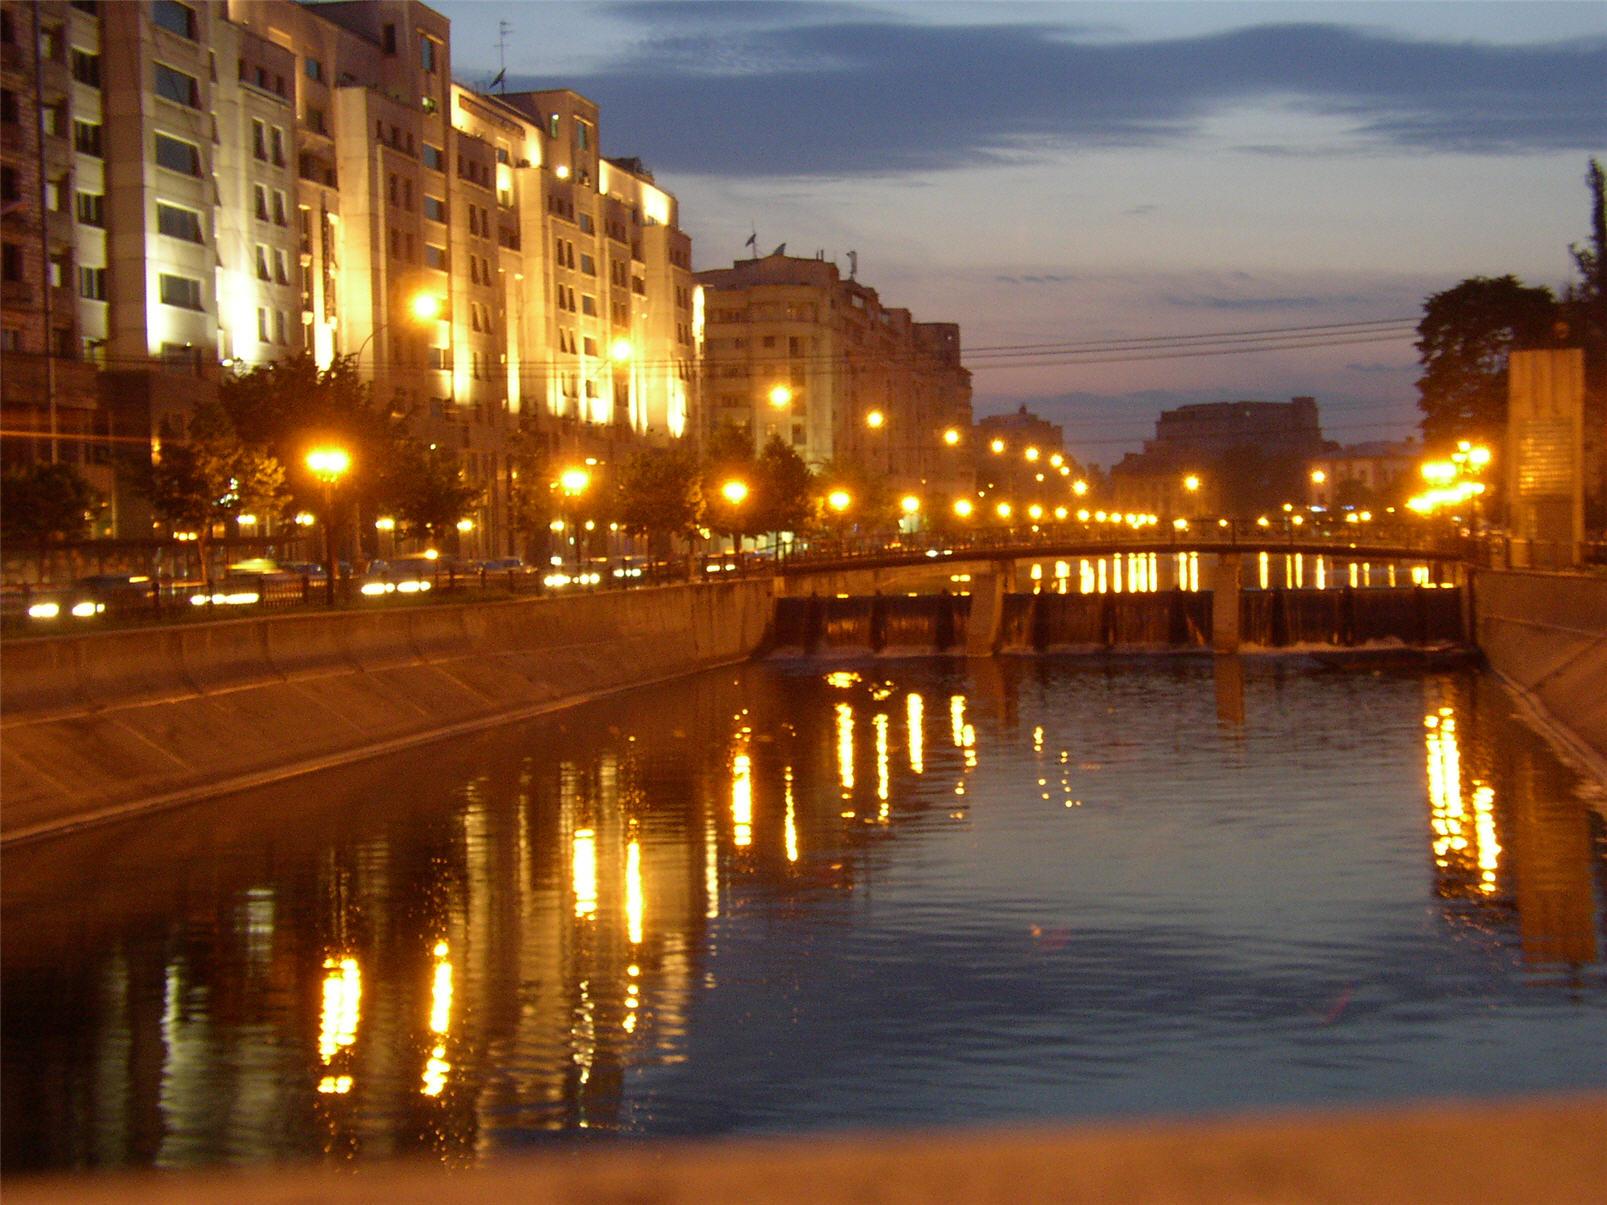 File:Dambovita River, Bucharest, Romania, at night.jpg ...